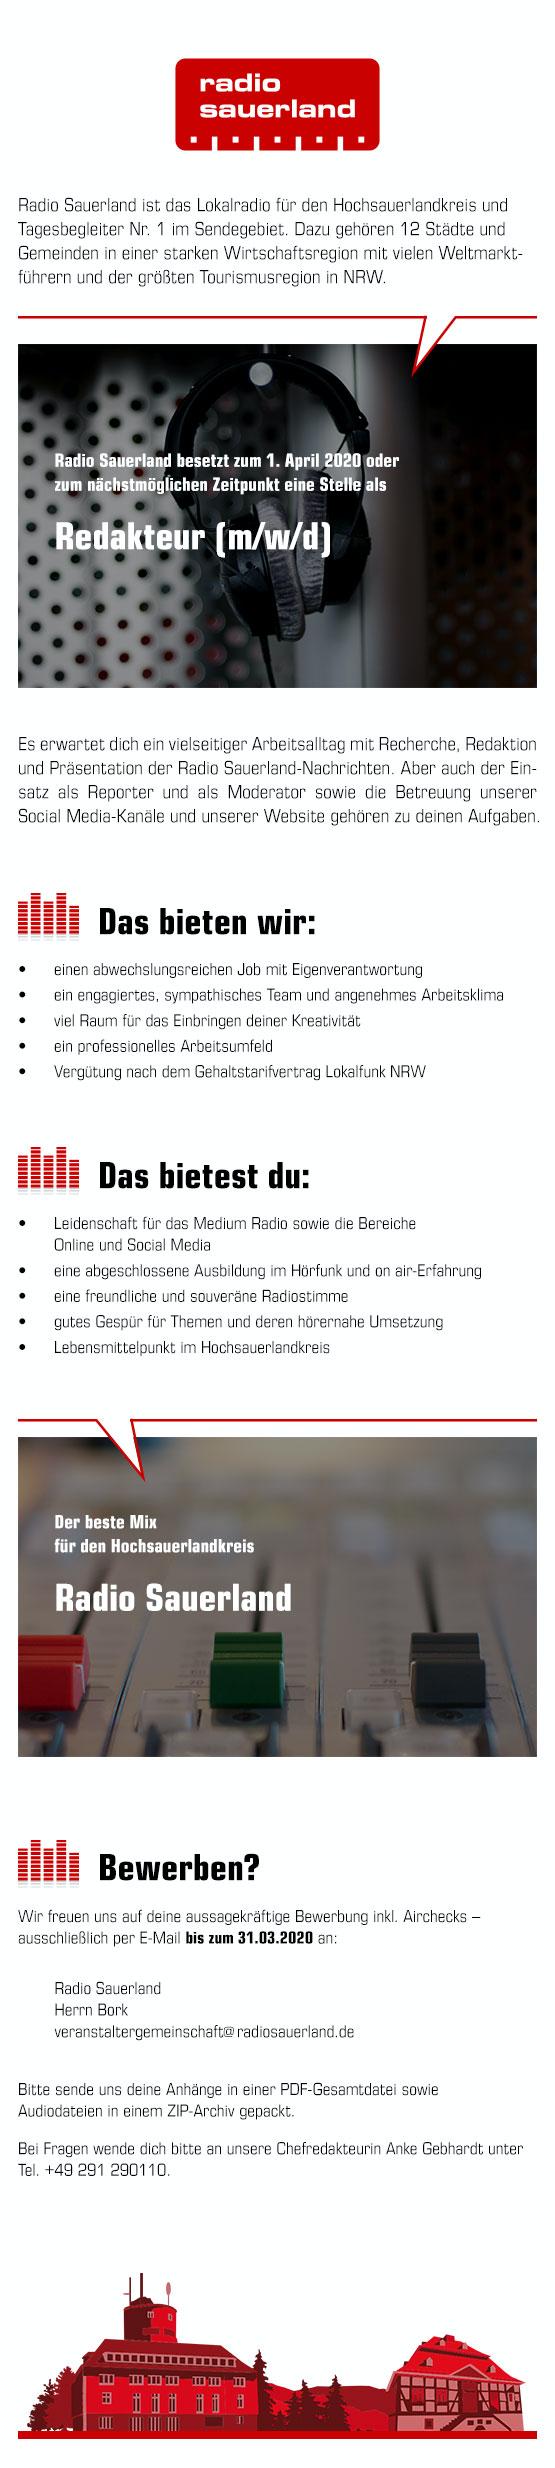 Radio Sauerland sucht zum 1. April 2020 einen Redakteur (m/w/d)